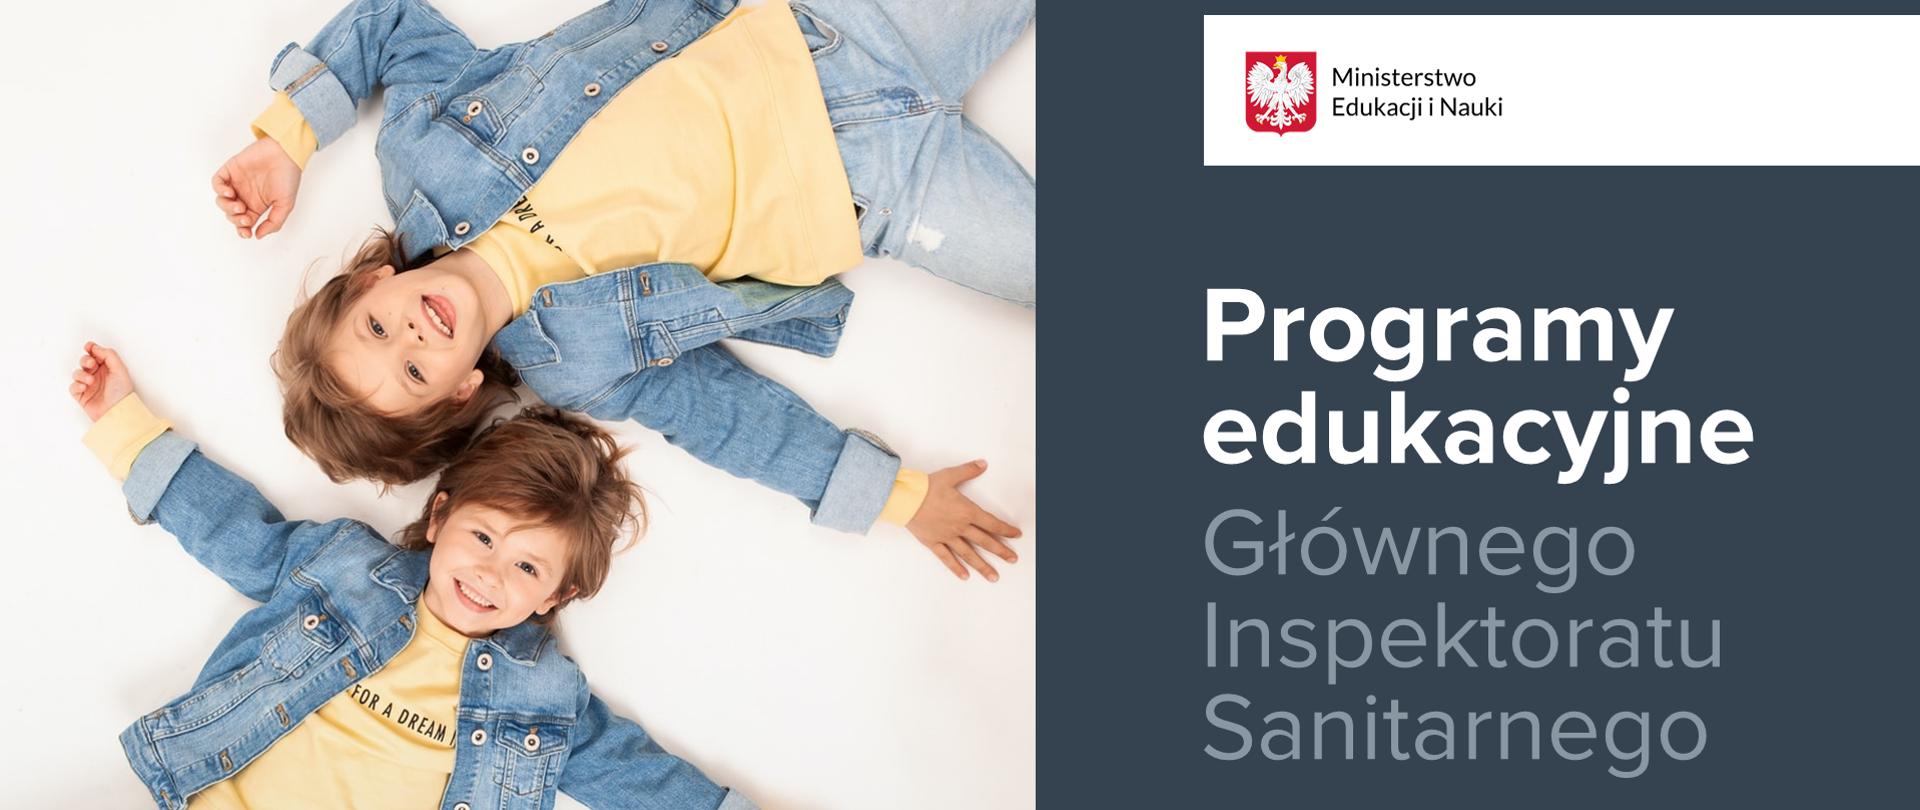 Po prawej stronie leżące dzieci ubrane w dżinsowe kurtki i spodnie oraz żółte koszulki. Dzieci są uśmiechnięte. Po prawej stronie logotyp Ministerstwa Edukacji i Nauki oraz napis Programy edukacyjne Głównego Inspektoratu Sanitarnego.